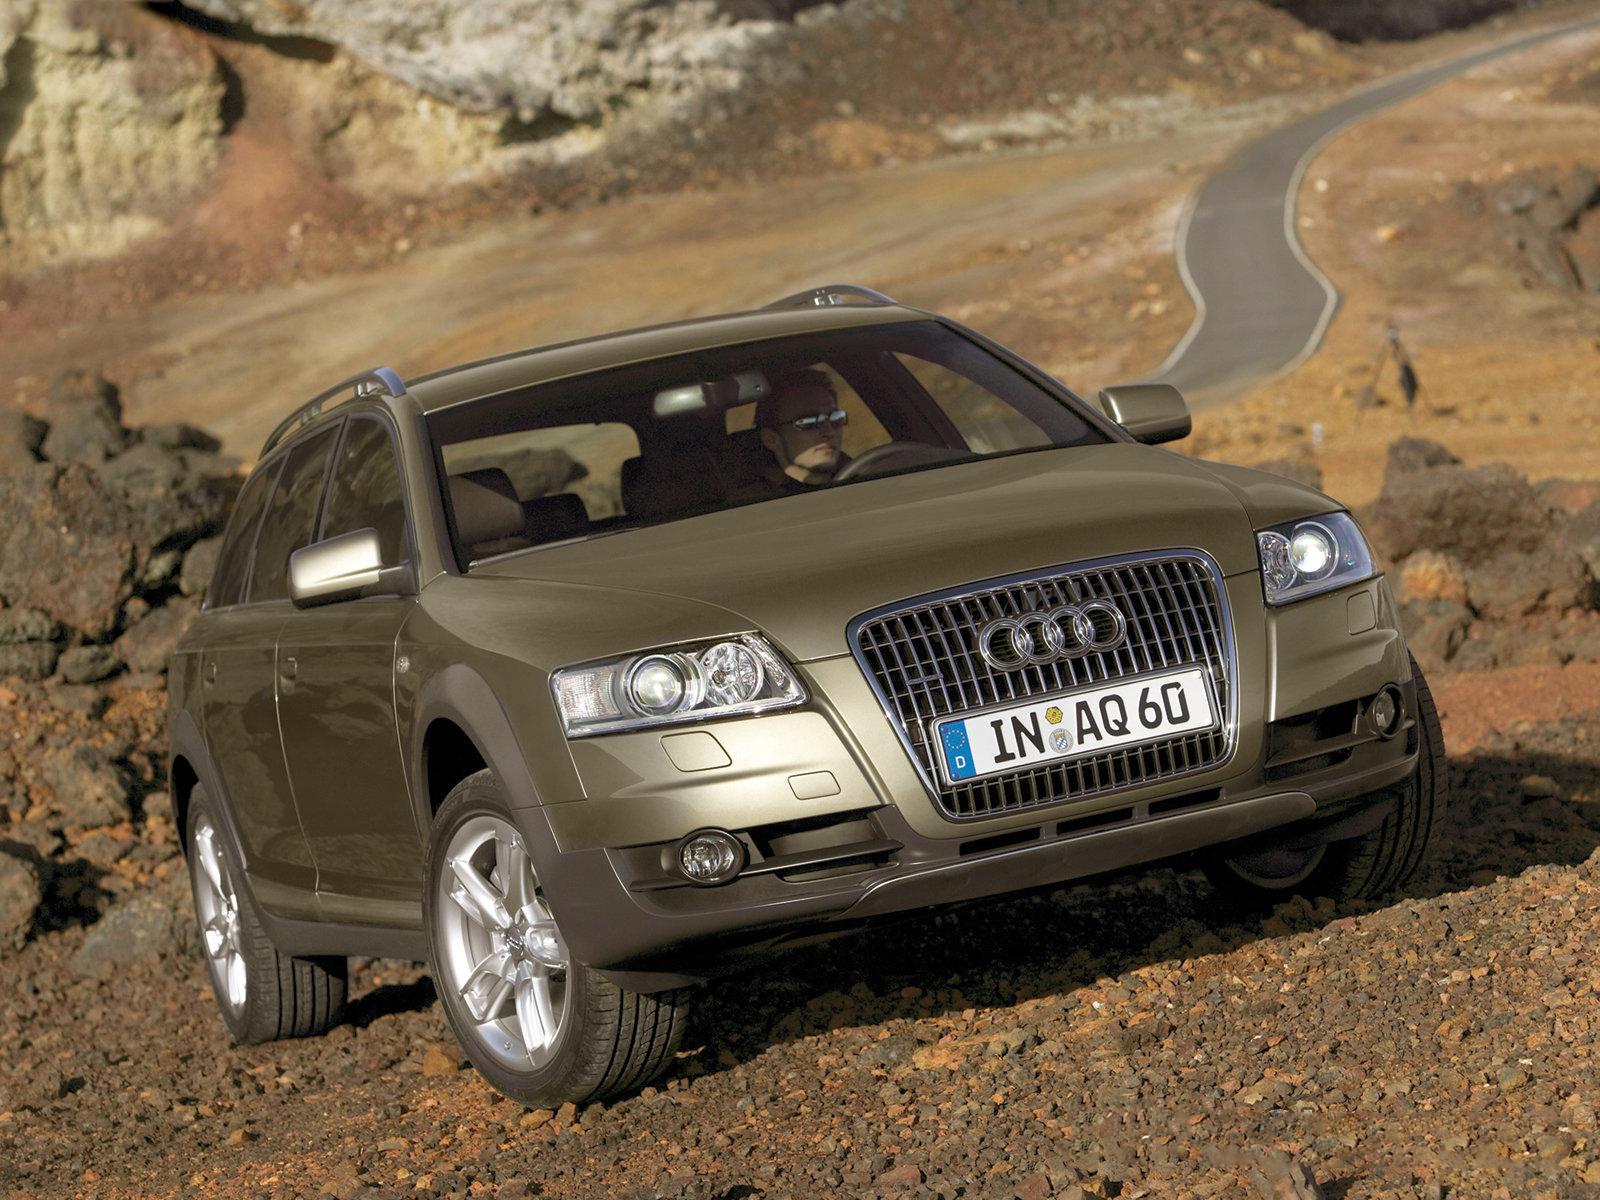 Audi a6 allroad quattro front view audi a6 allroad quattro rear view